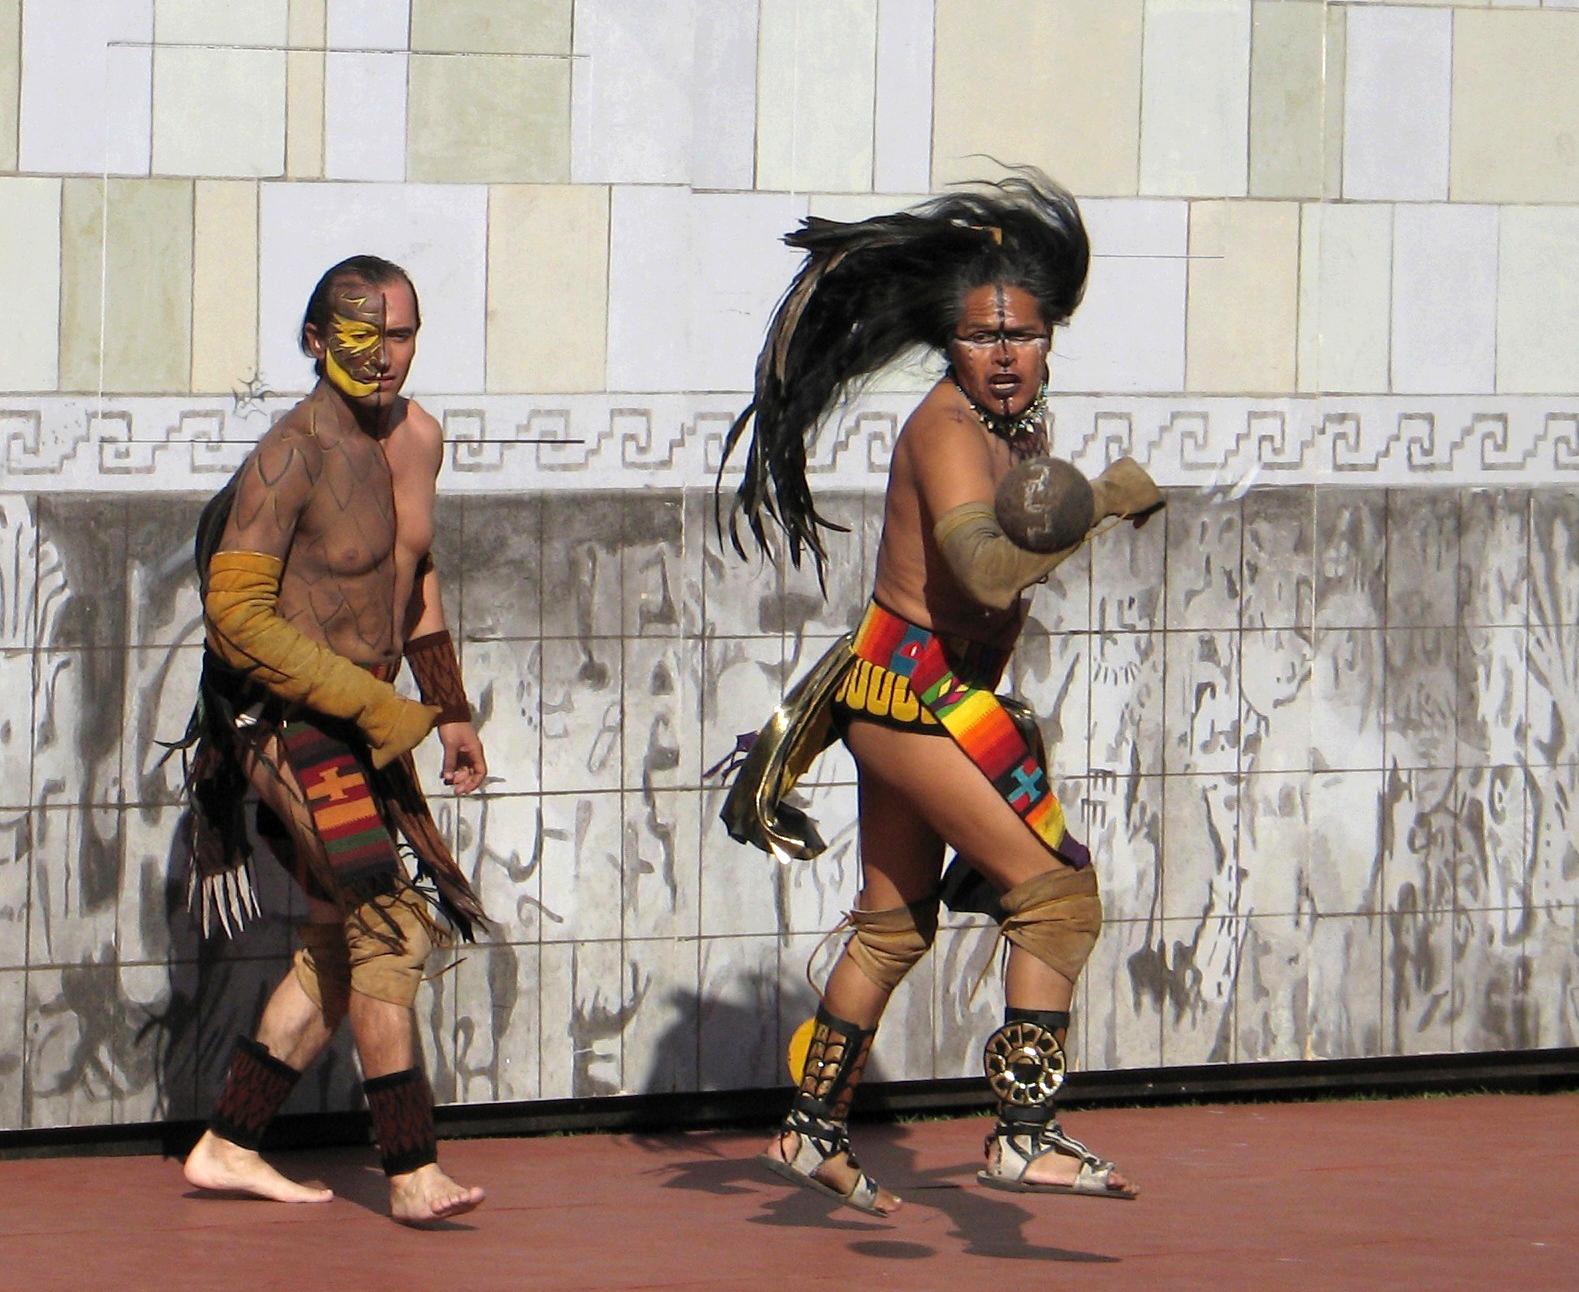 Mayan Indians